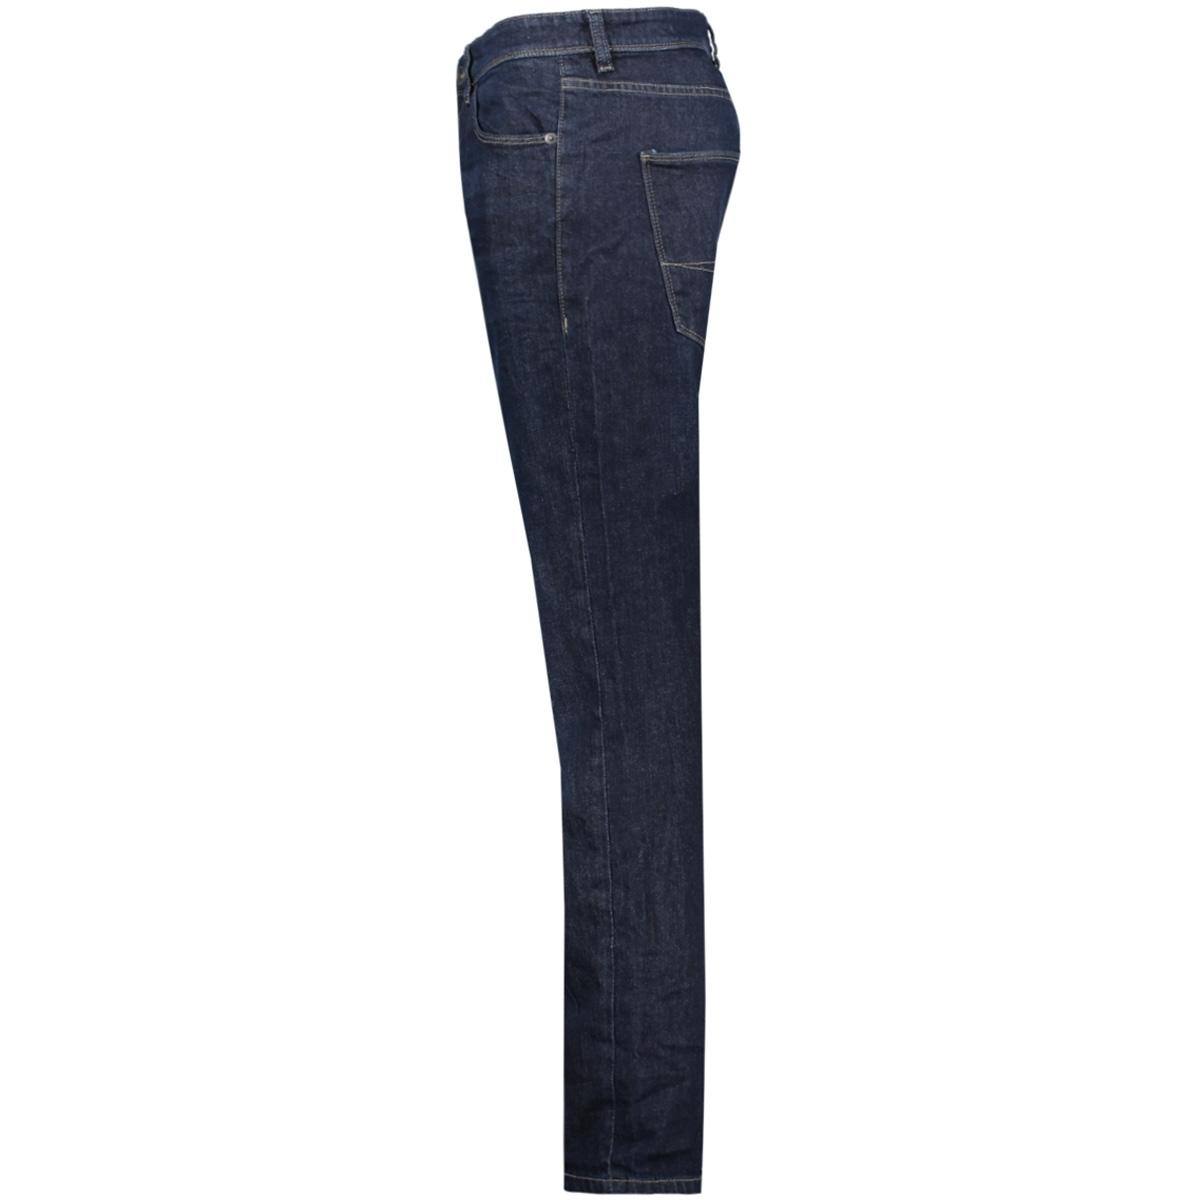 997ee2b800 esprit jeans e901